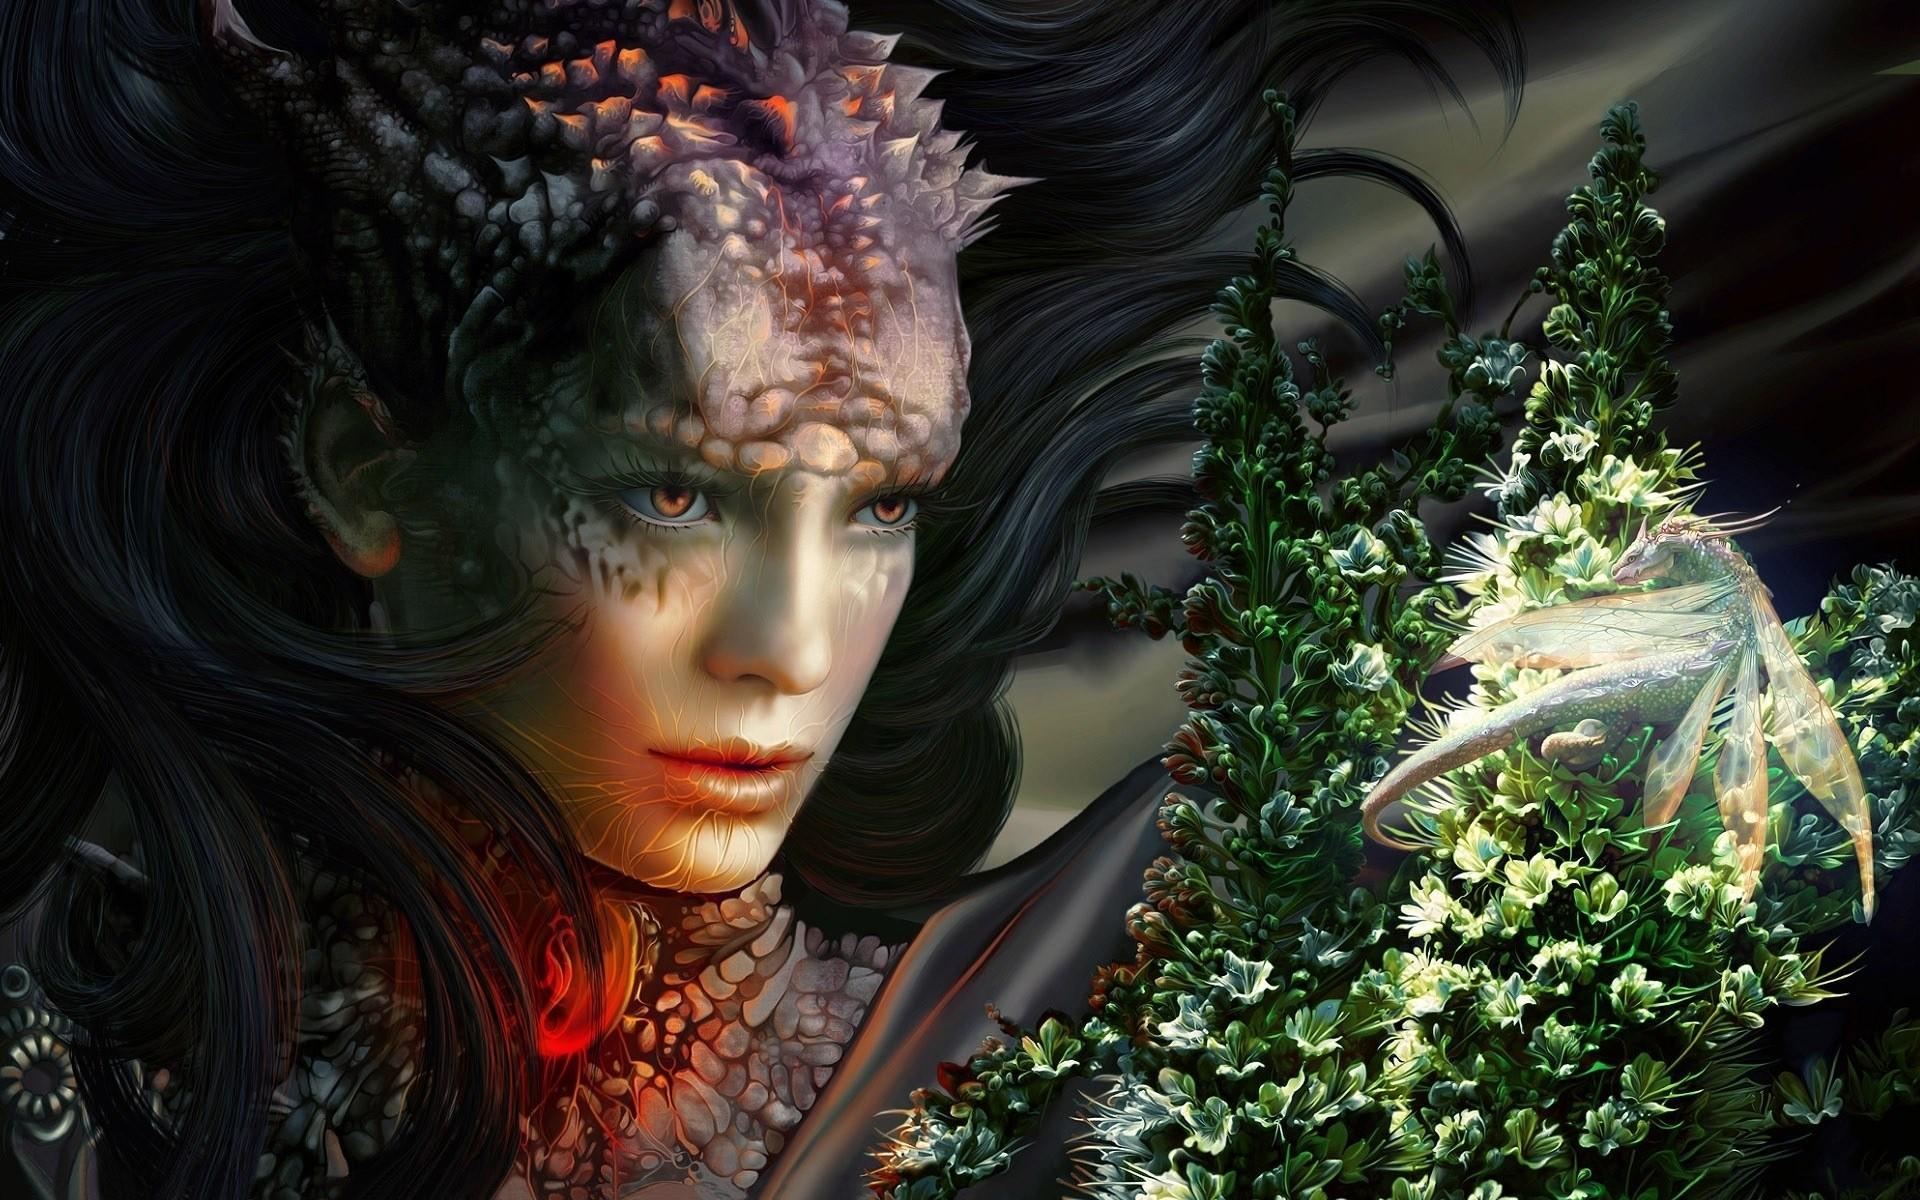 Картинки с эльфами и драконами